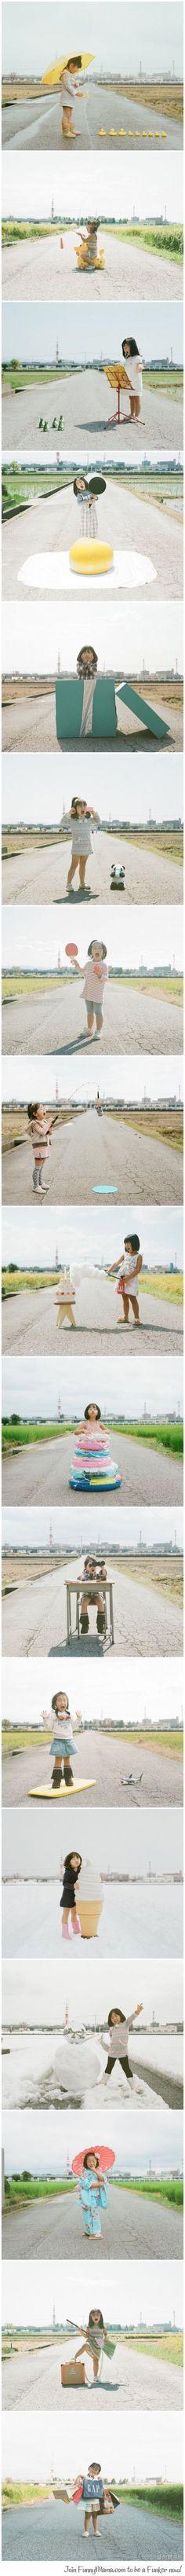 Photos from Nagano Toyokazu via funnymama.com